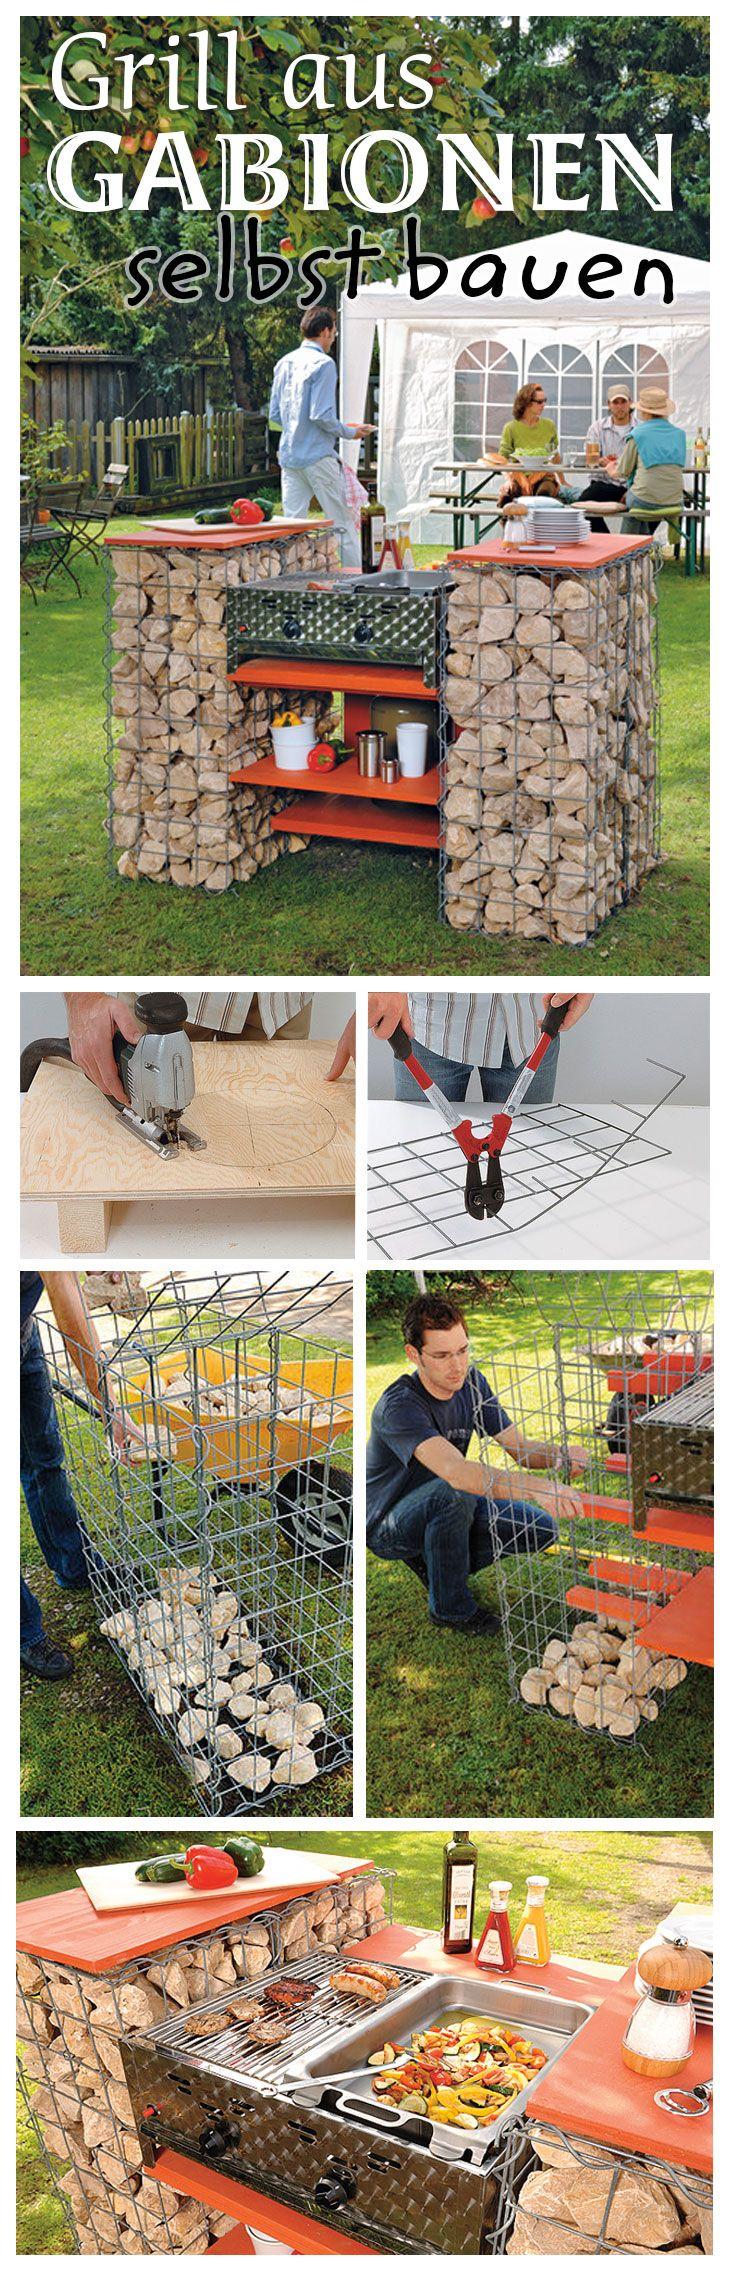 Aus Gabionen kann man nicht nur Deko für den Garten bauen, sondern auch einen Grill. Wir zeigen, wie man den Gabionen-Grill selbst baut.